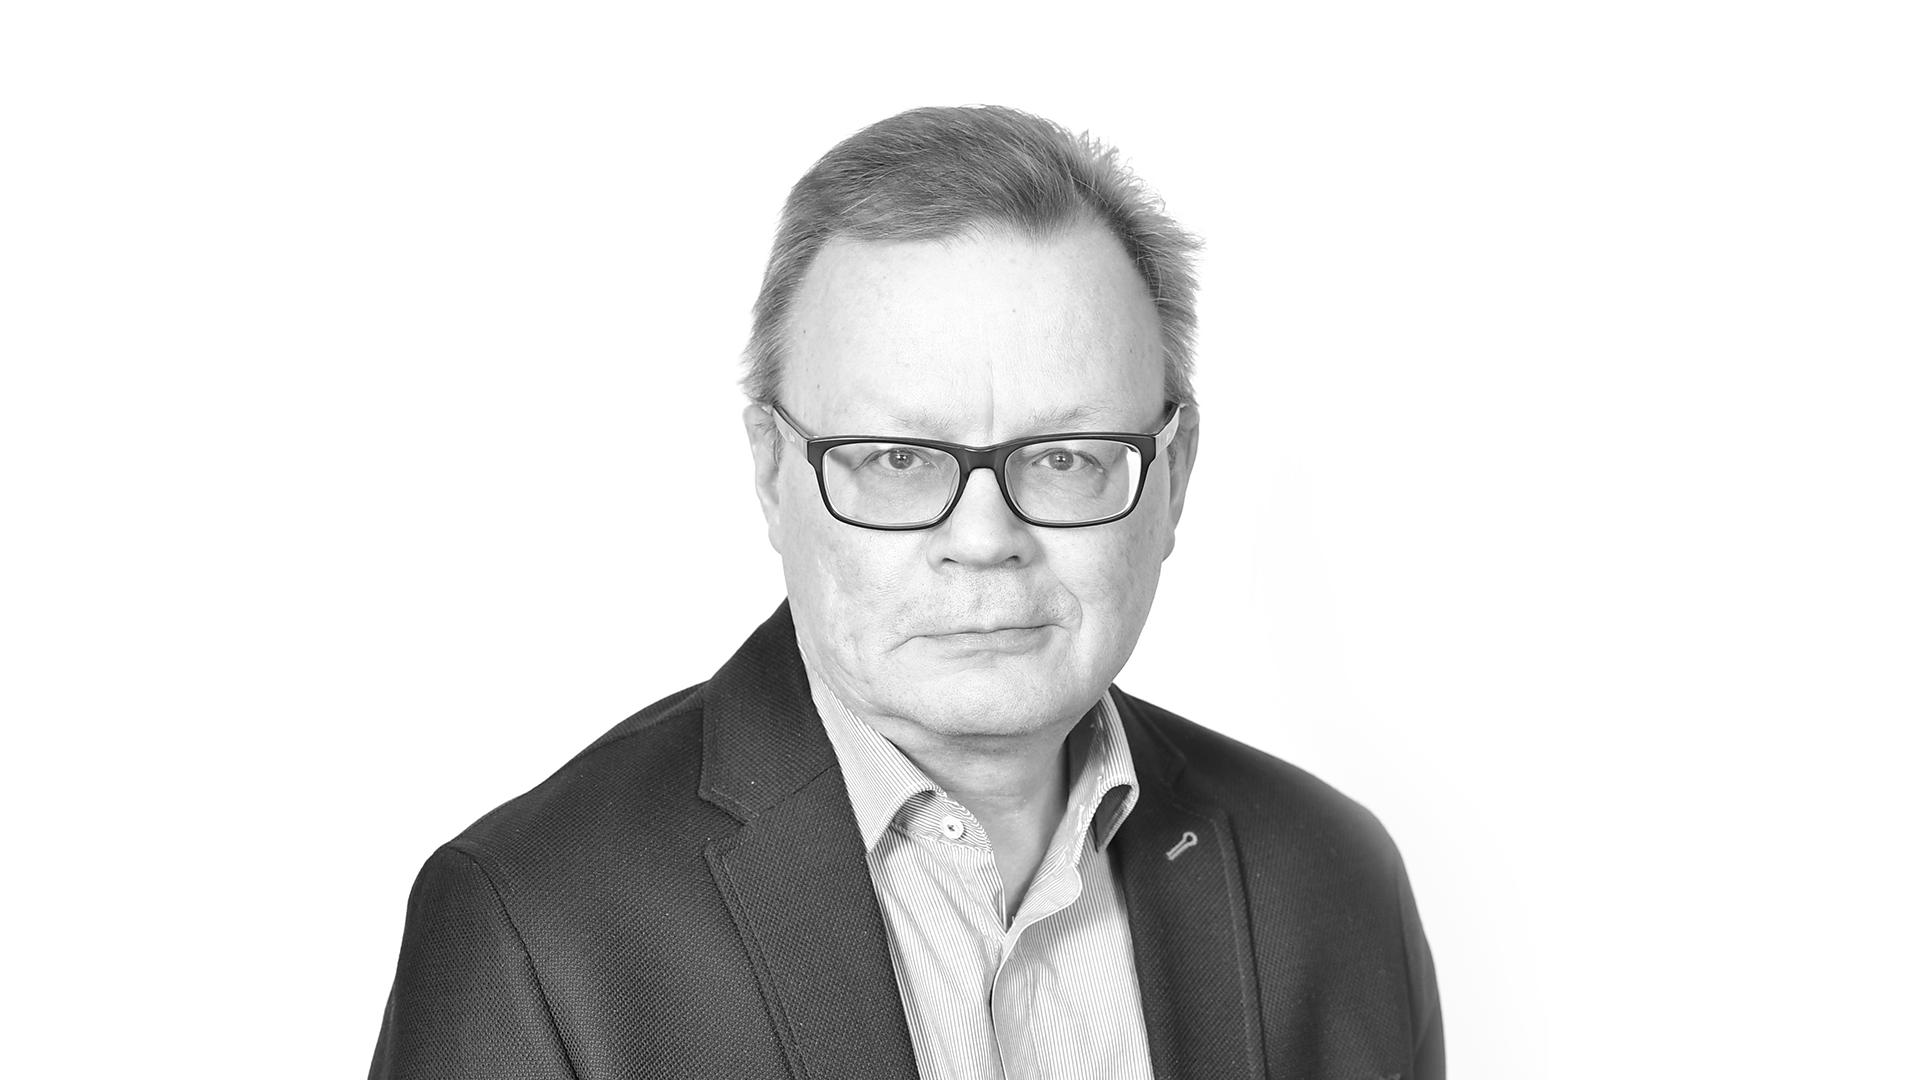 Suoramarkkinoinnin uusi kulta-aika? Antti Kuukkanen, Data Refinery